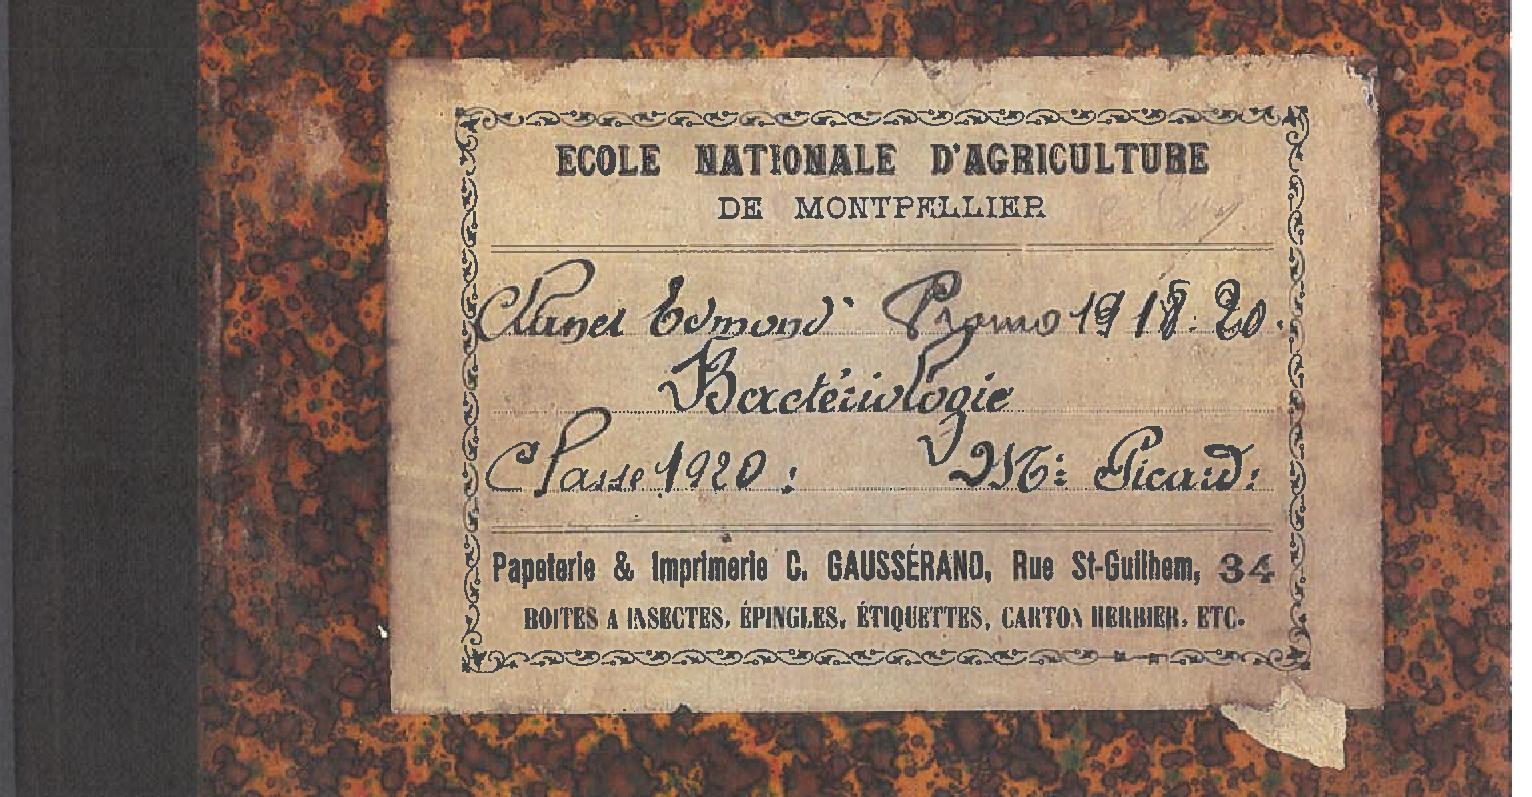 Cours de Bactério 1920